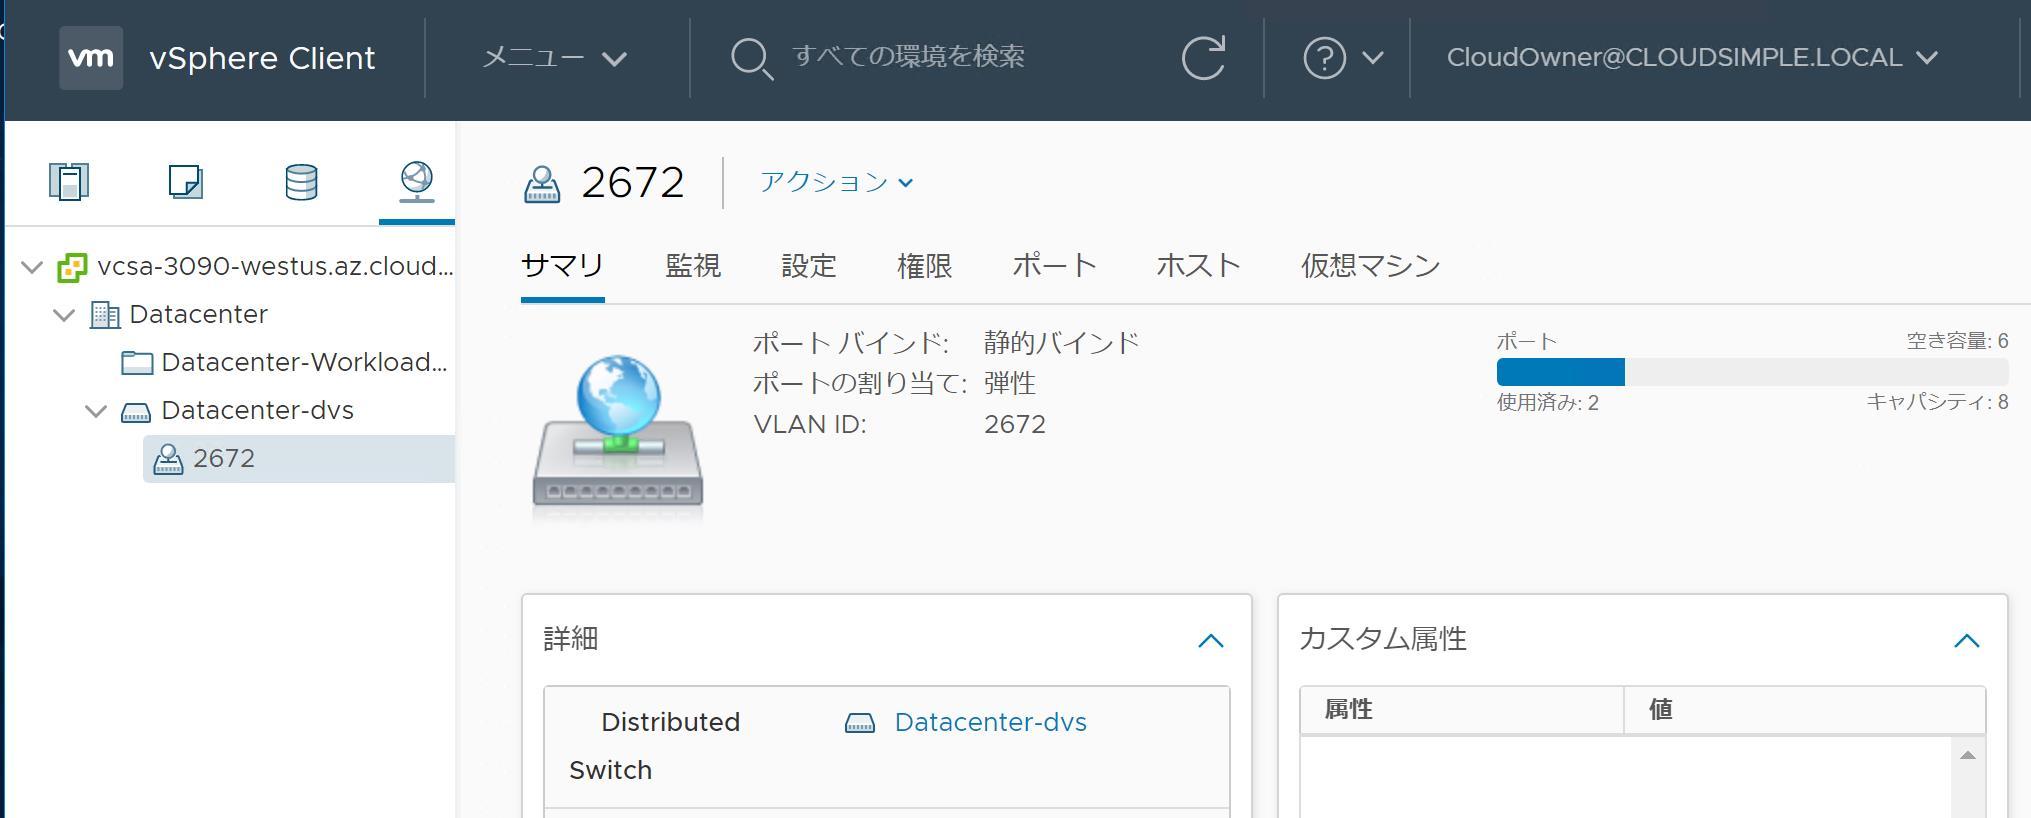 ネットワーク Azure VMware Solution